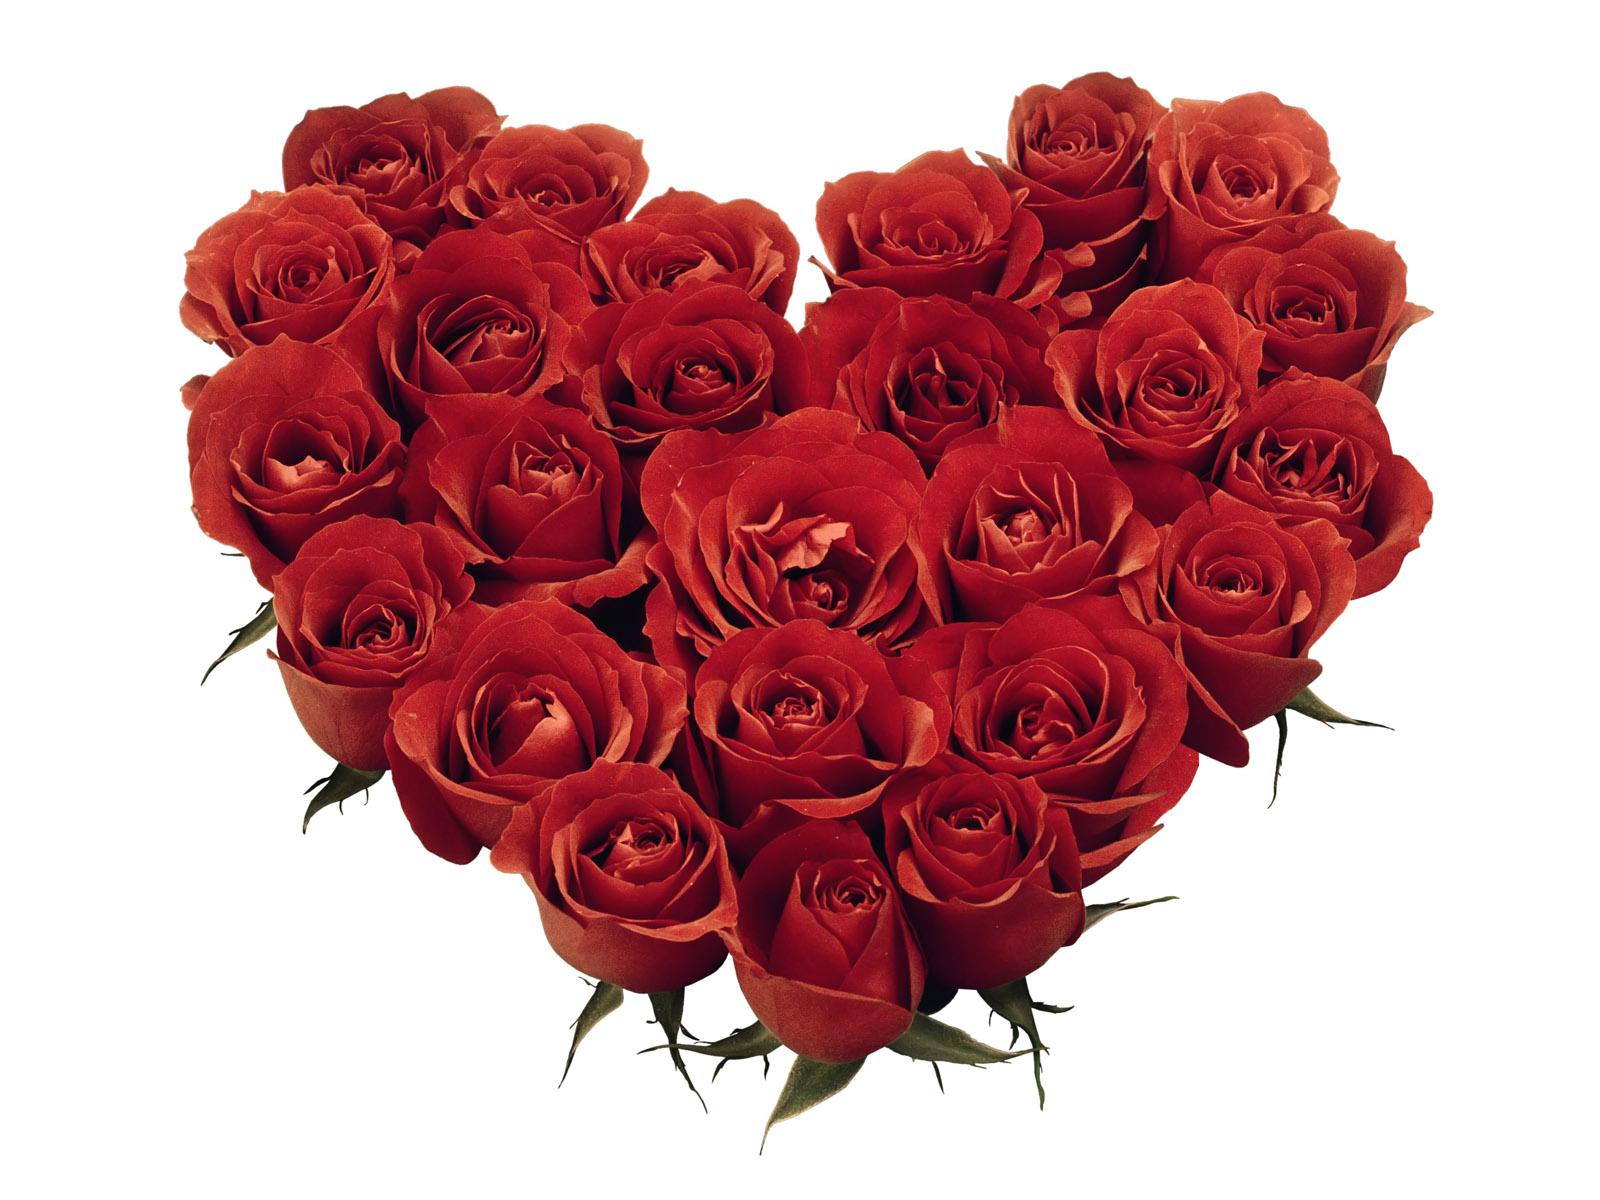 http://2.bp.blogspot.com/-dXMWp5wqDVA/UPTNyeOOq0I/AAAAAAAAA28/KL4a5f3gcC4/s1600/Valentine+day+2013+wall+papers.jpg